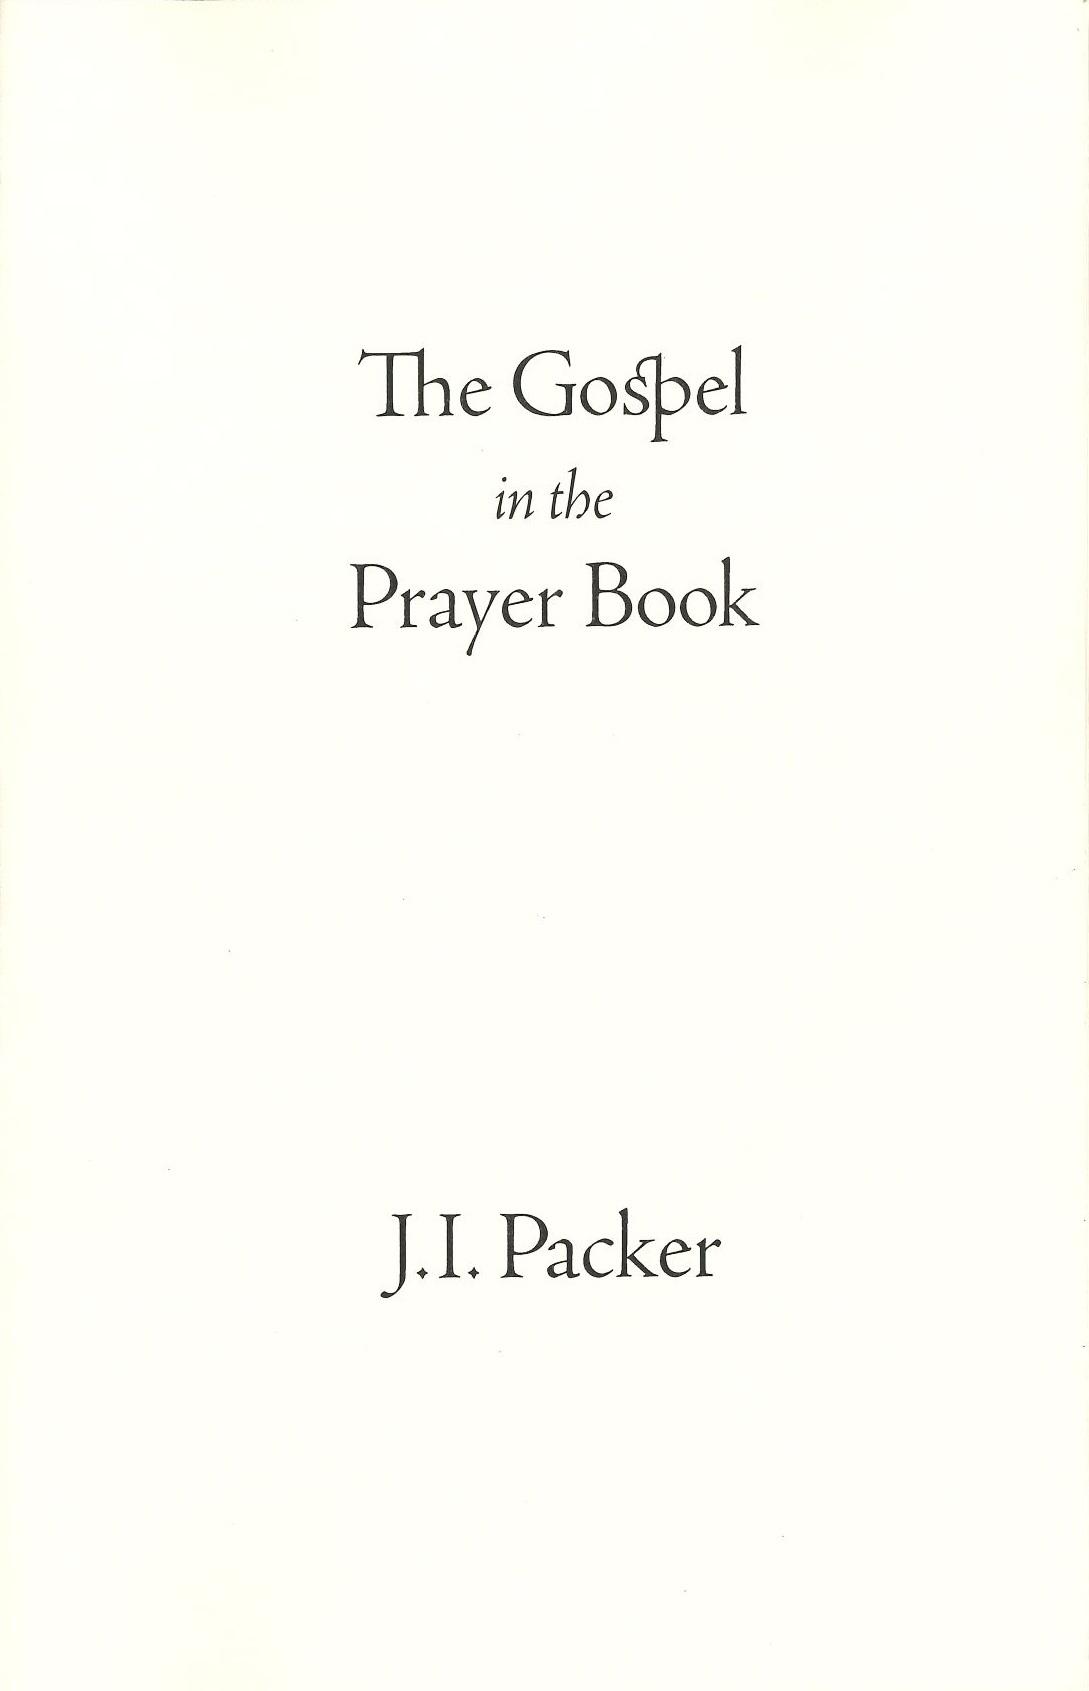 The Gospel in the Prayer Book